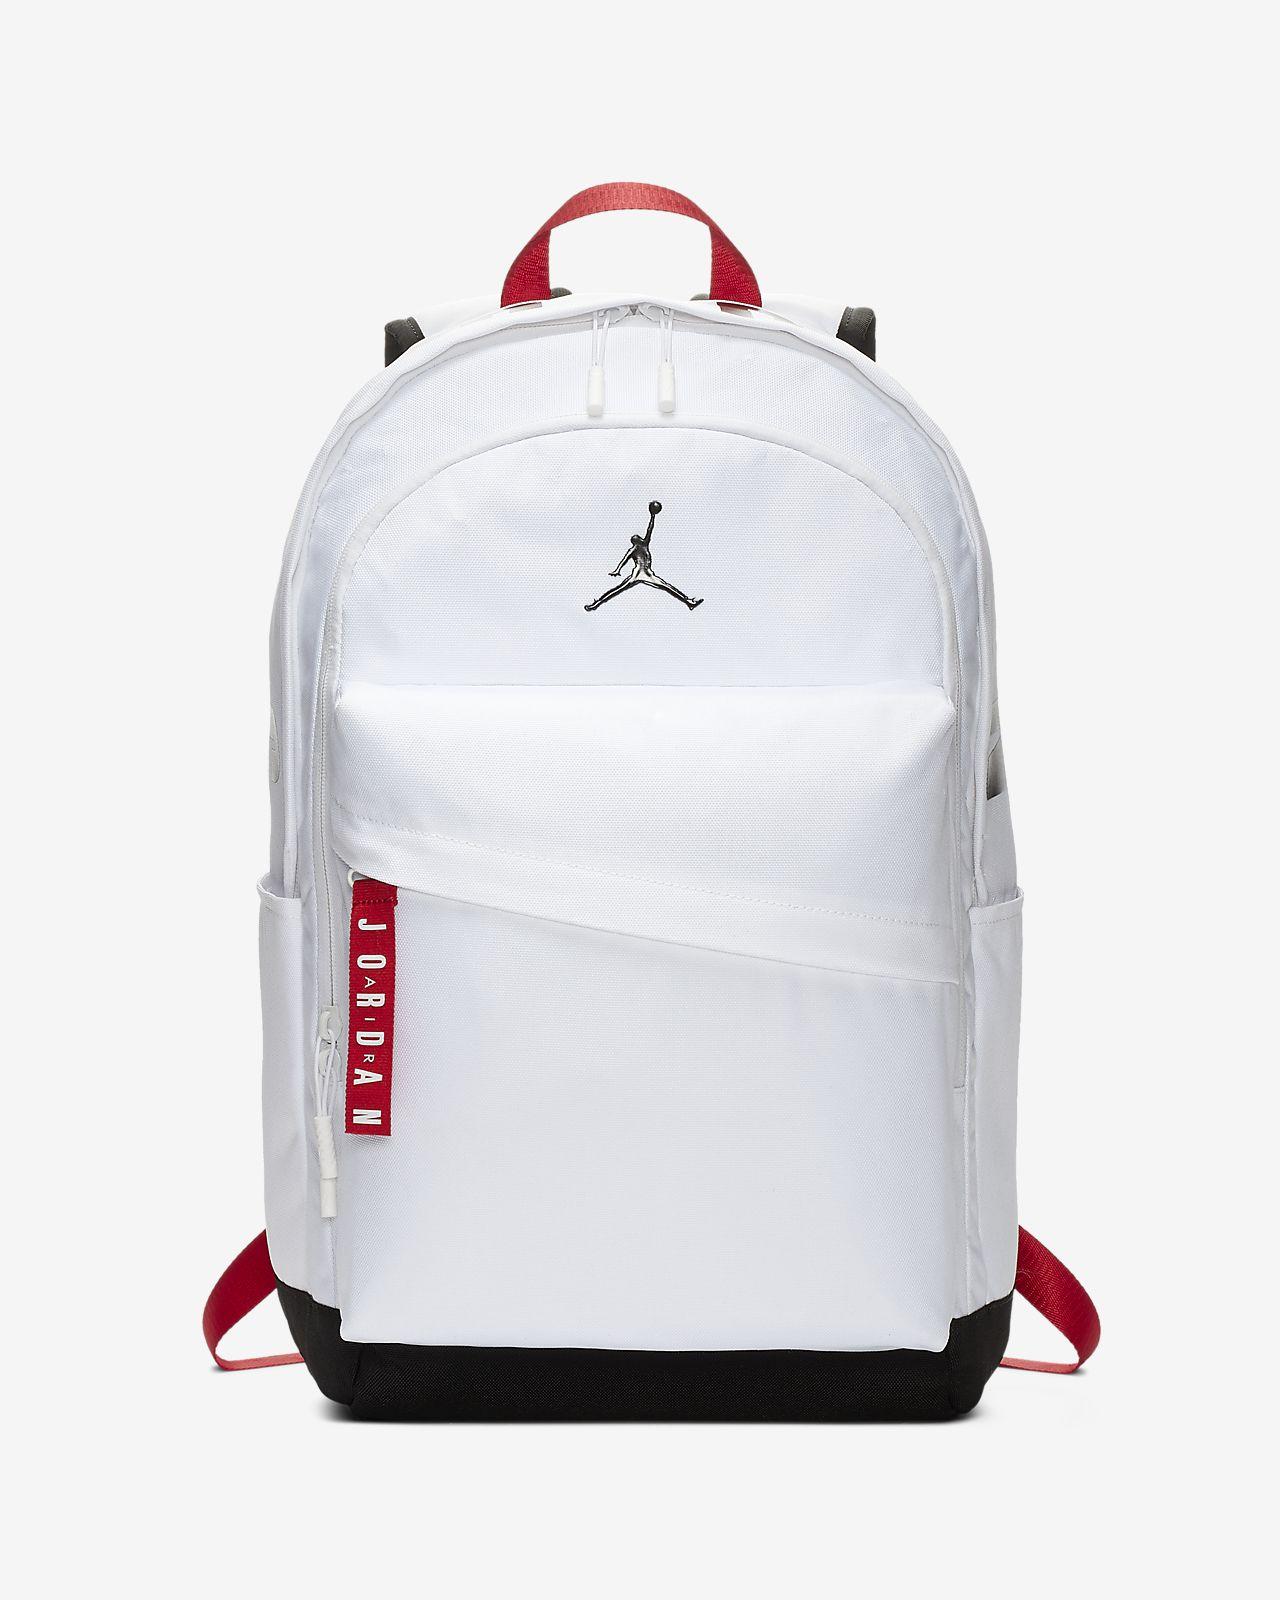 0c00fd98e50 Sac à dos Jordan Air Patrol. Nike.com FR